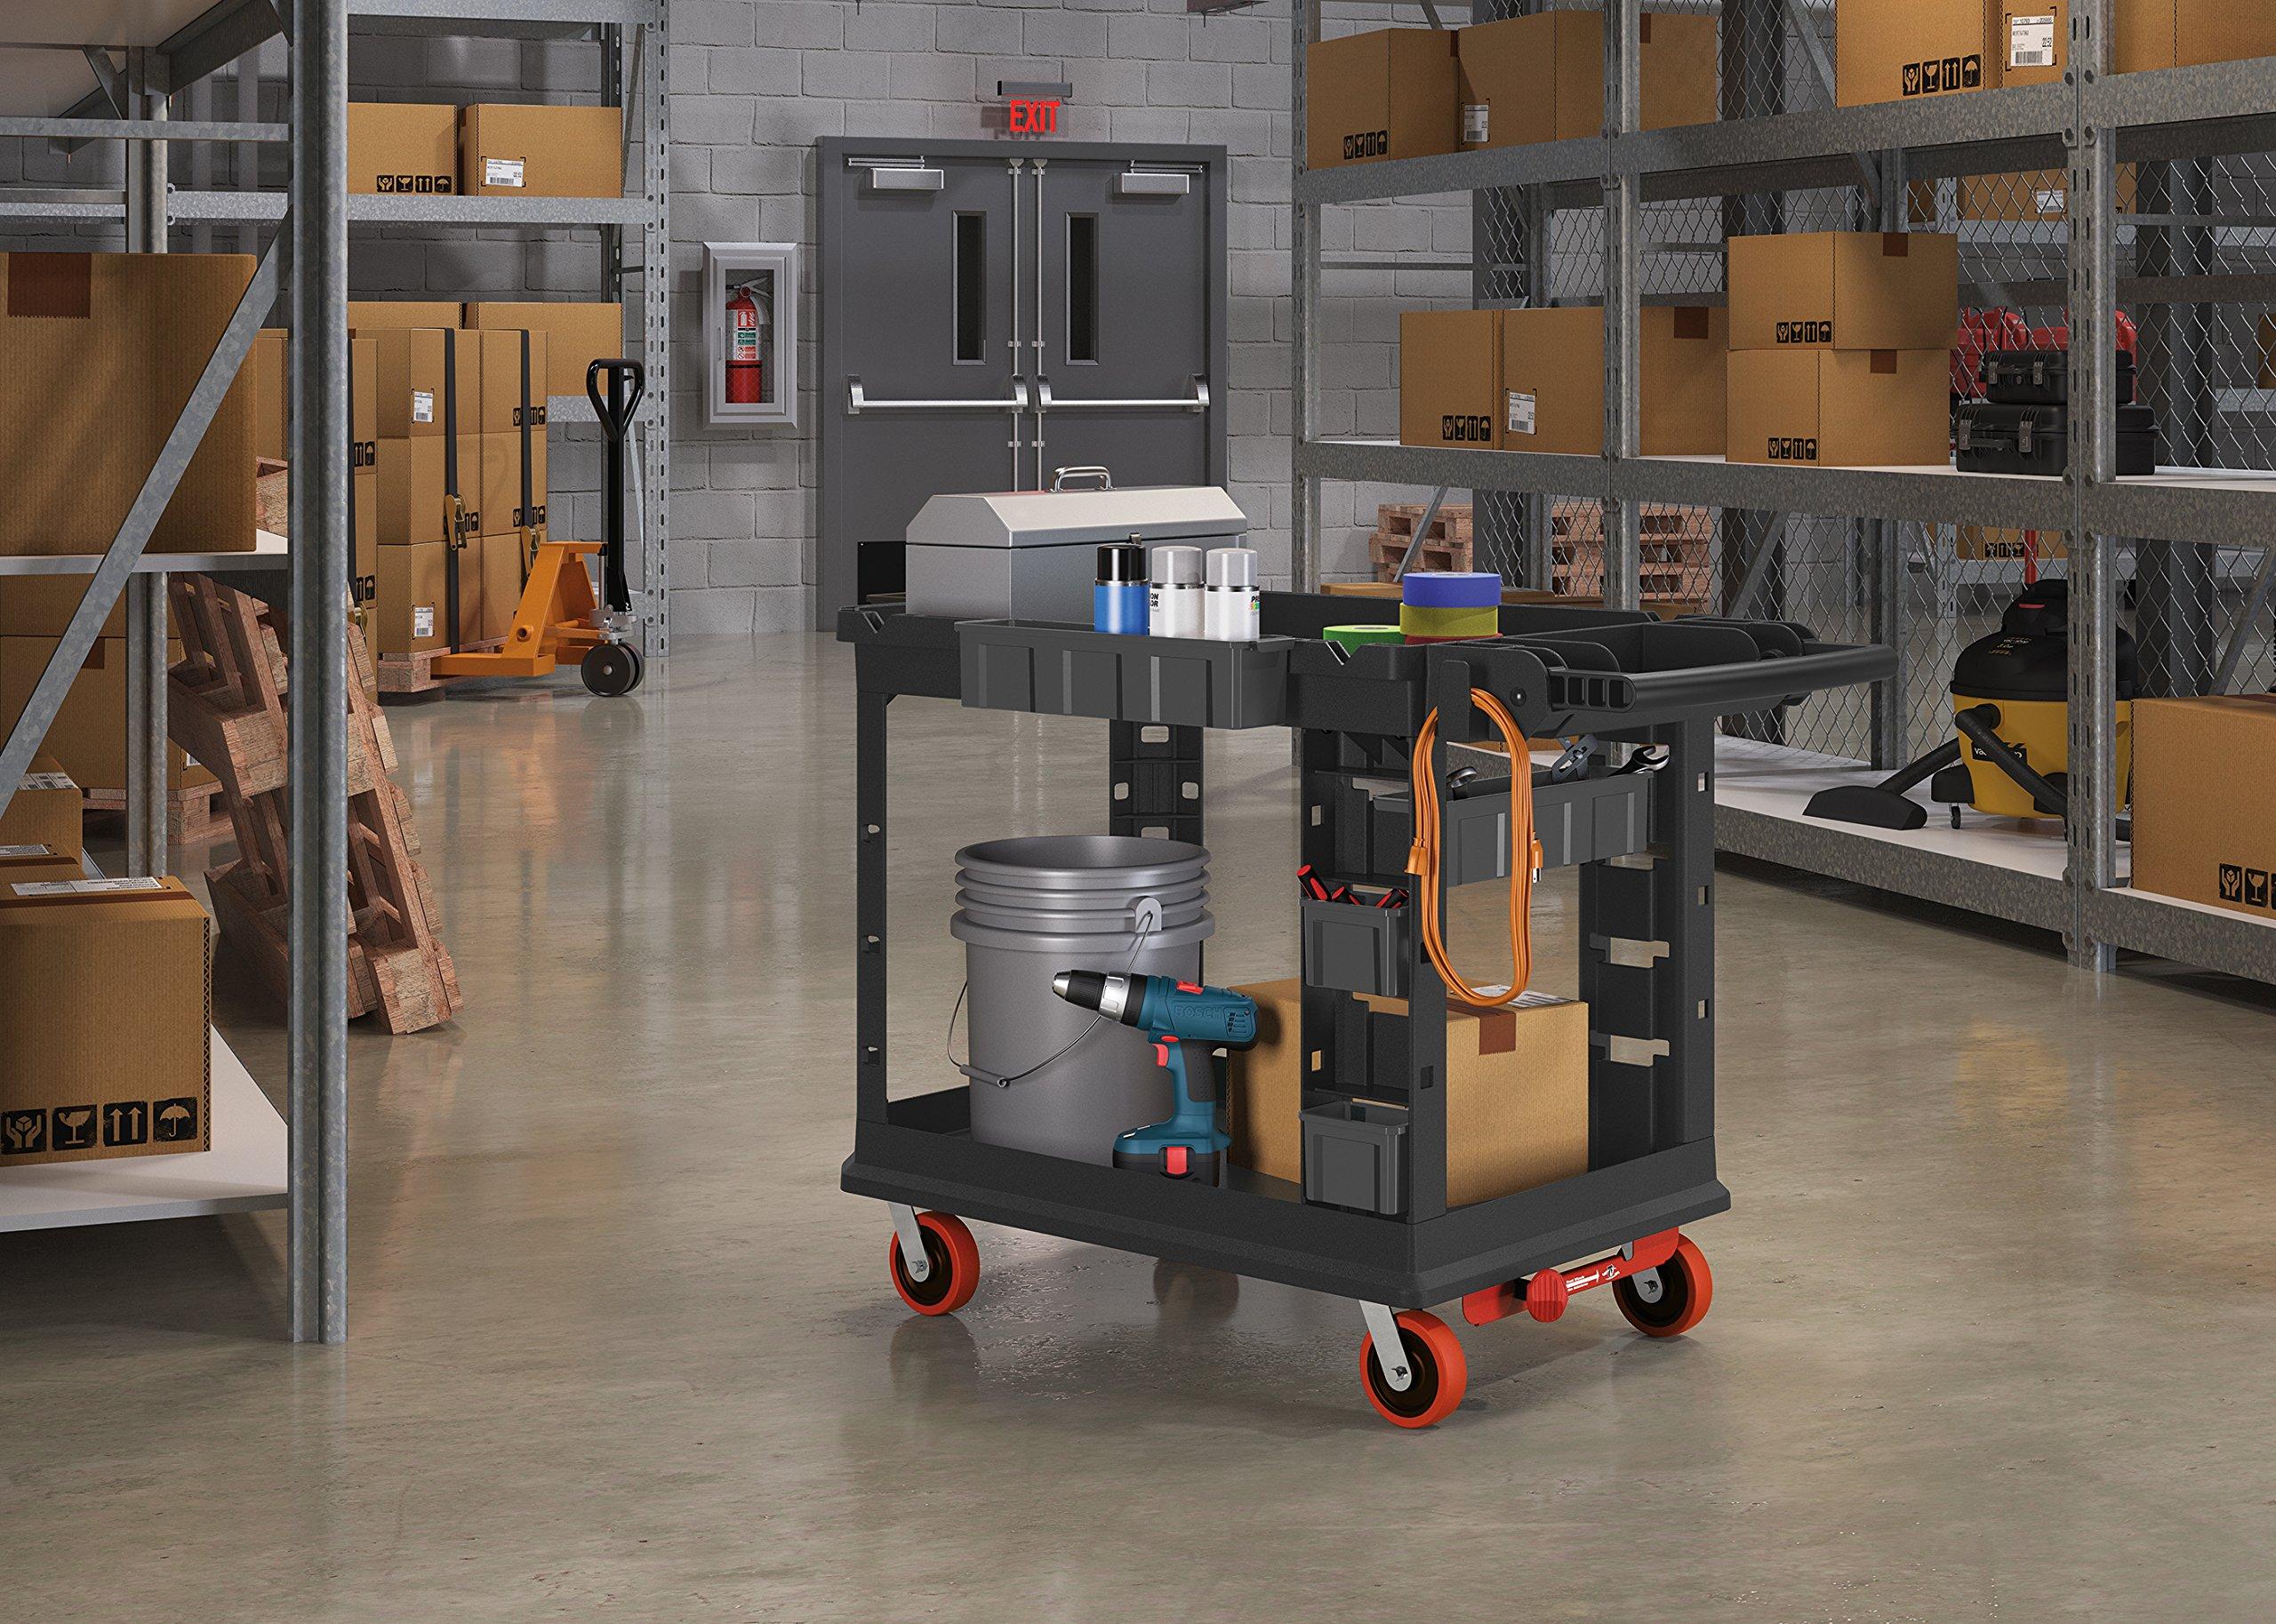 Suncast Commercial PUCHD2645 Utility Cart, Heavy Duty Plus, 500 Pounds Load Capacity, Black by Suncast Commercial (Image #8)